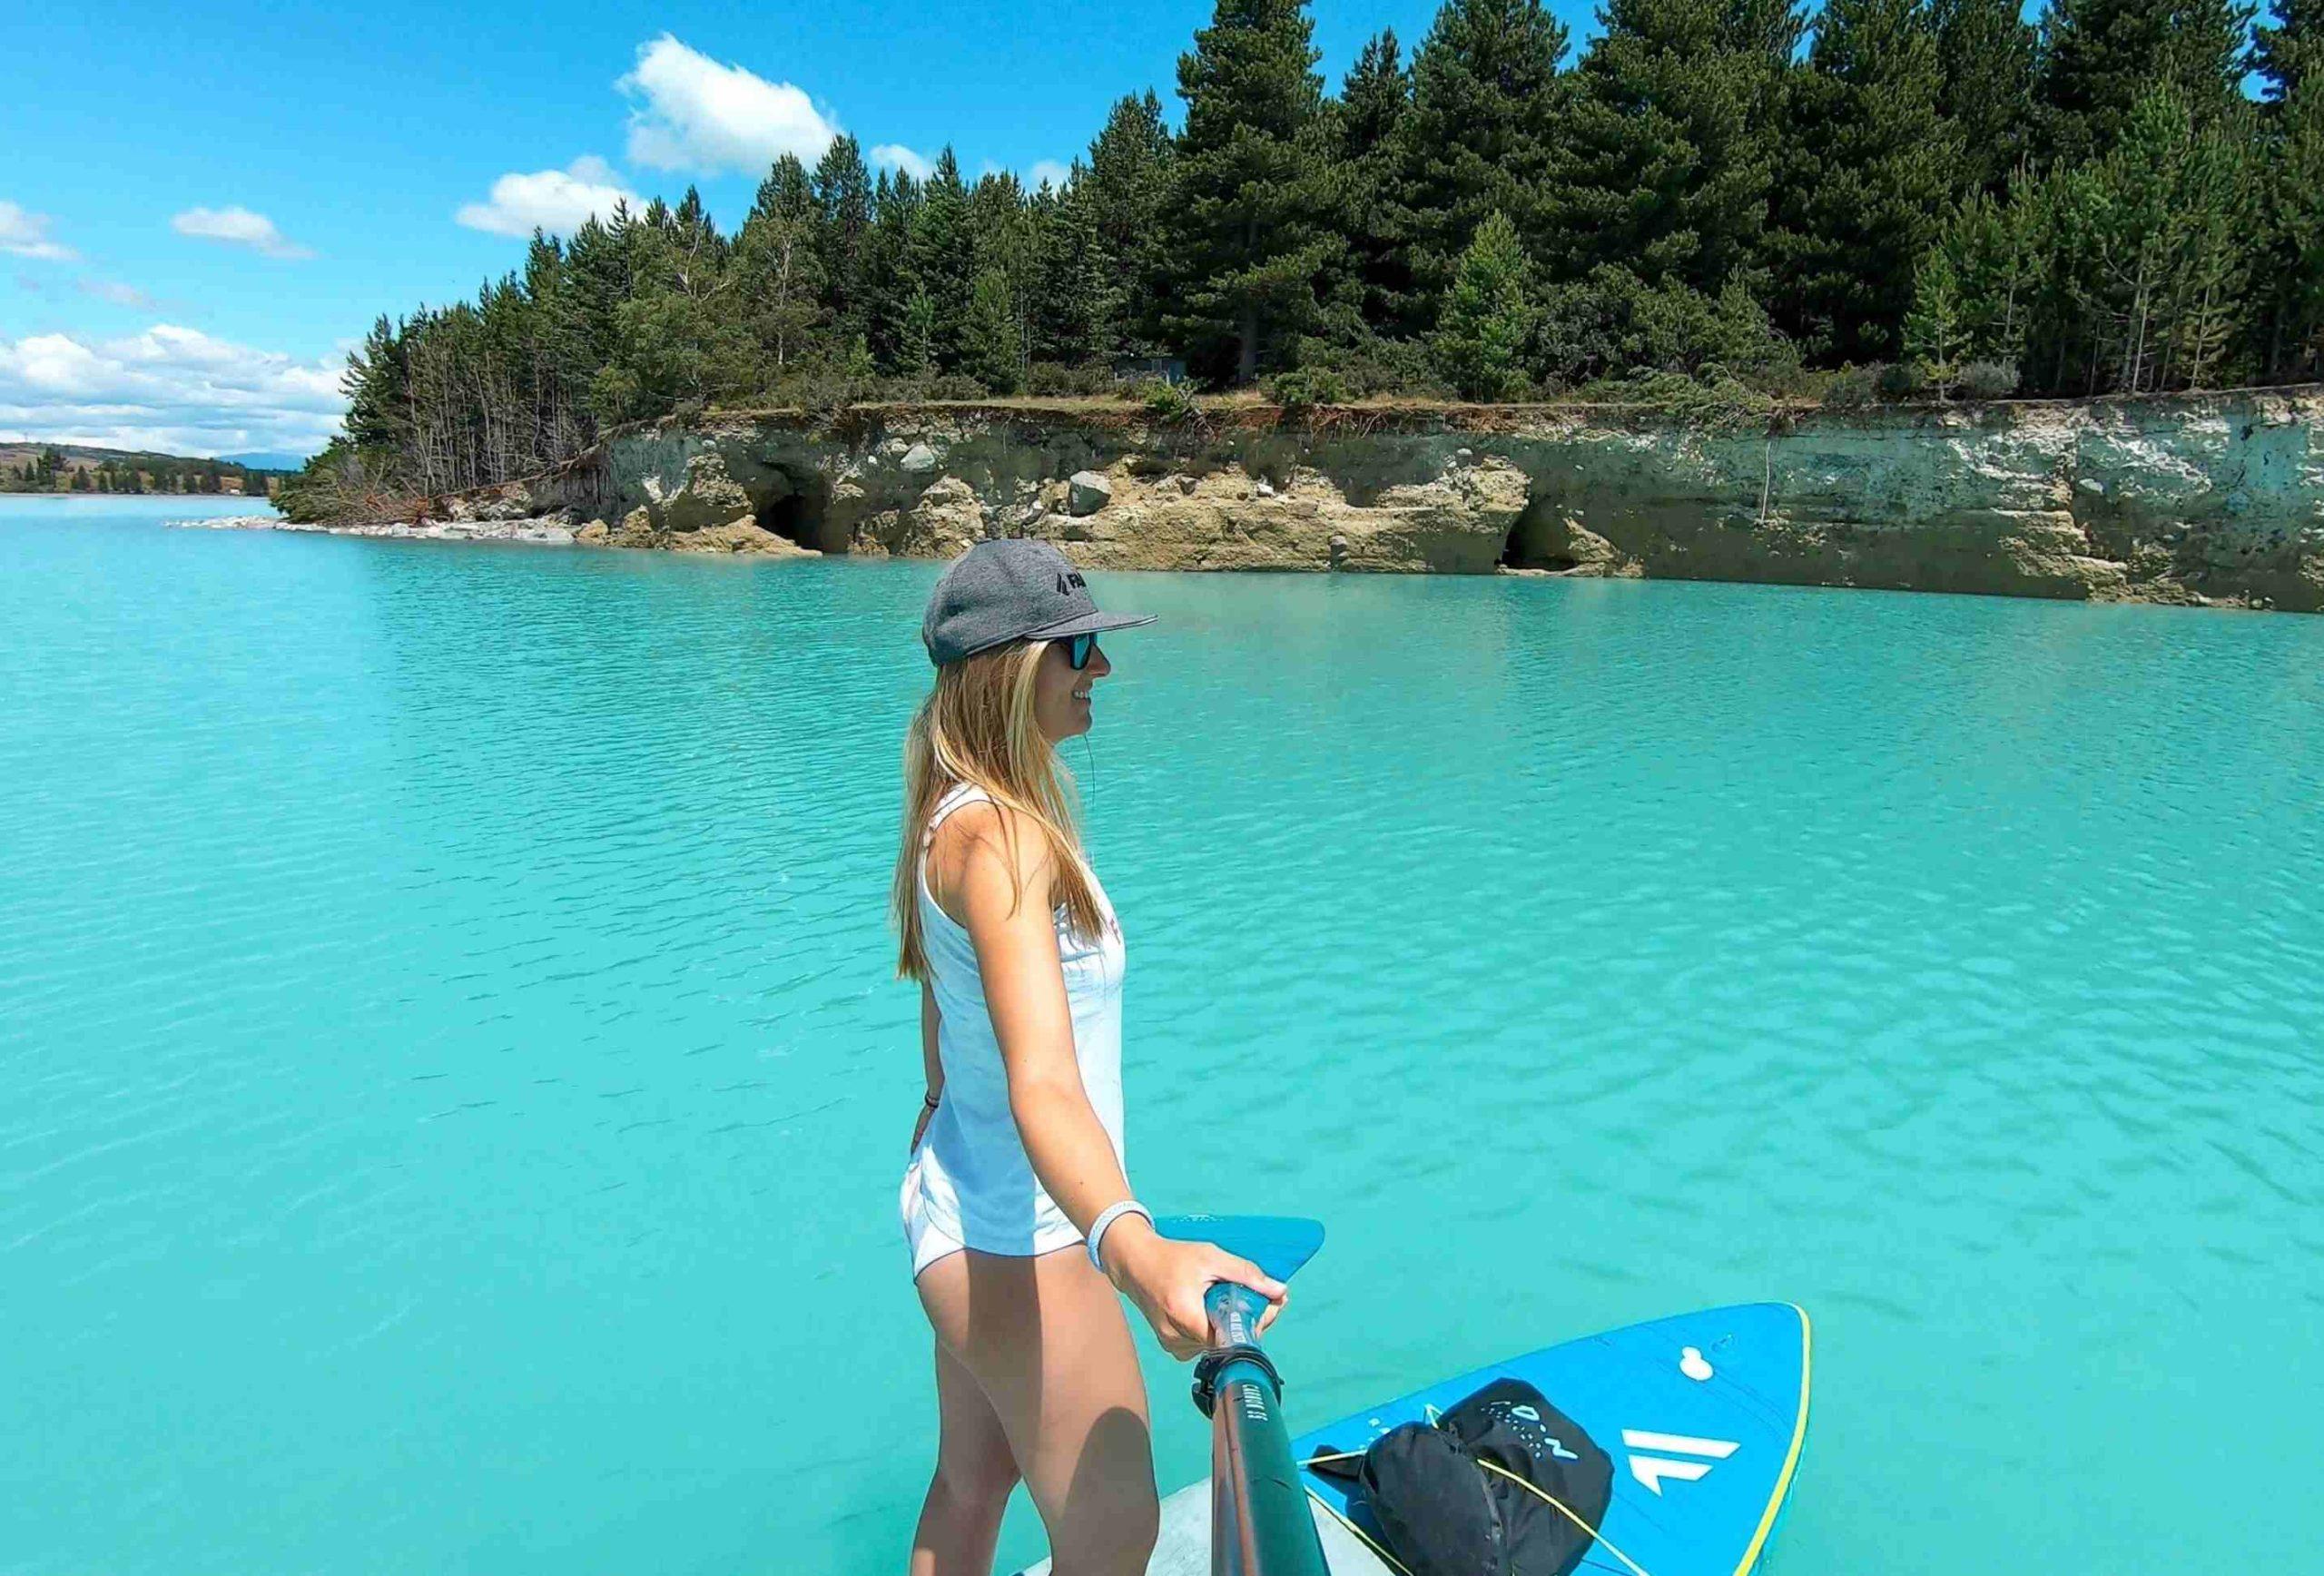 Frau auf dem SUP auf dem Lake Pukaki